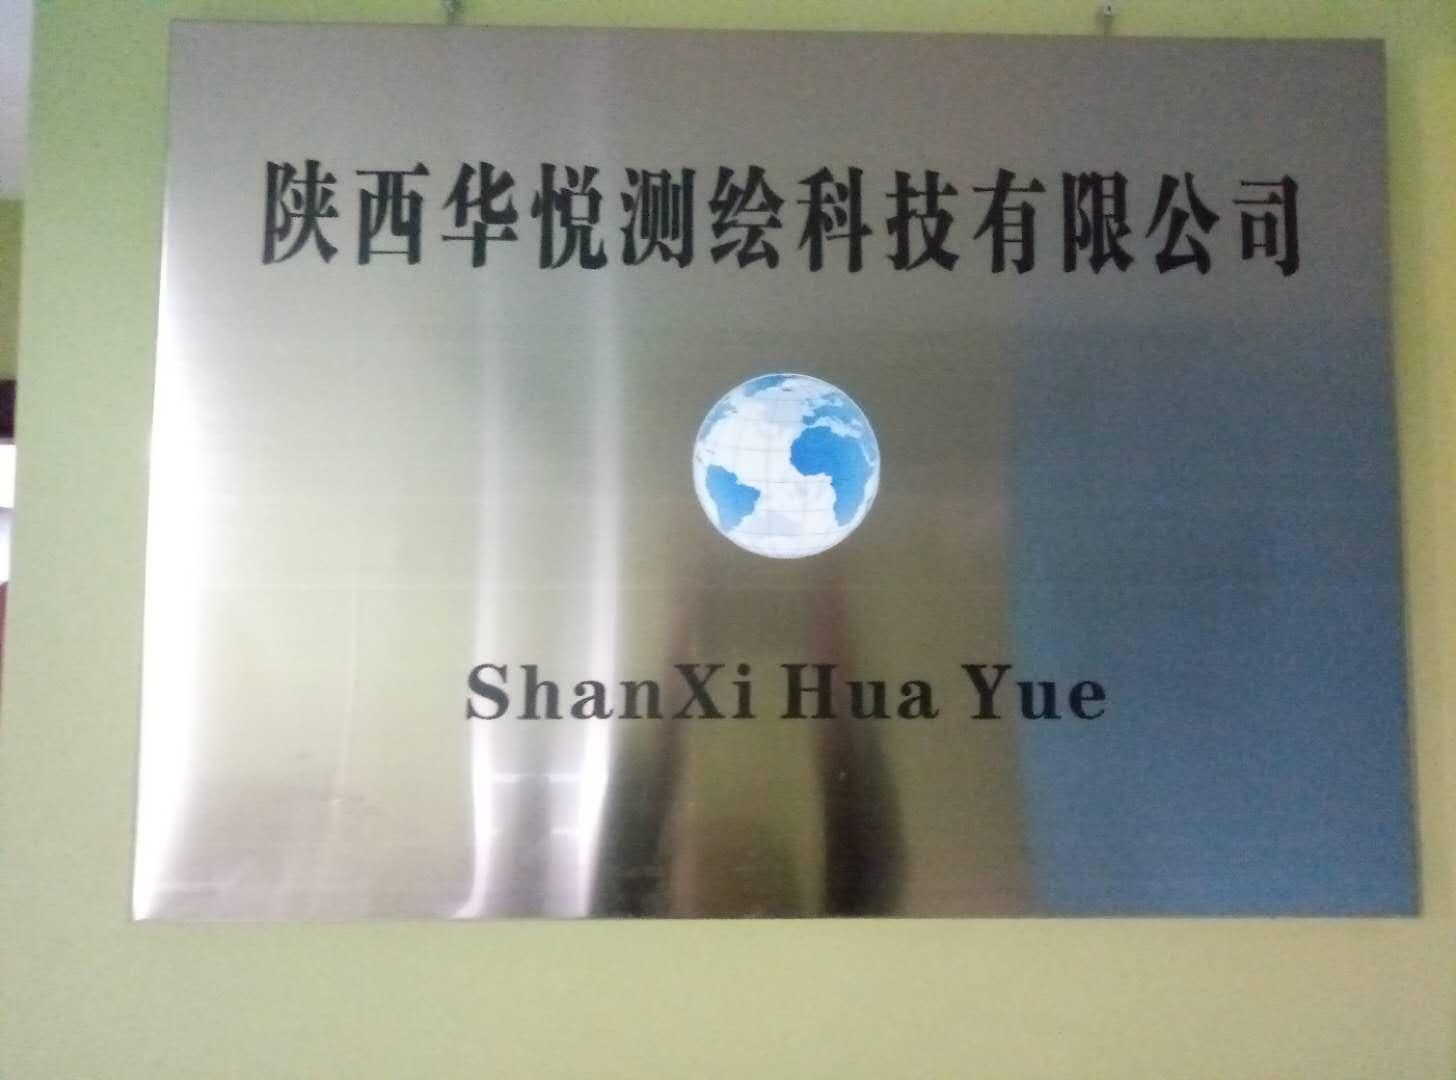 陜西華悅測繪科技有限公司